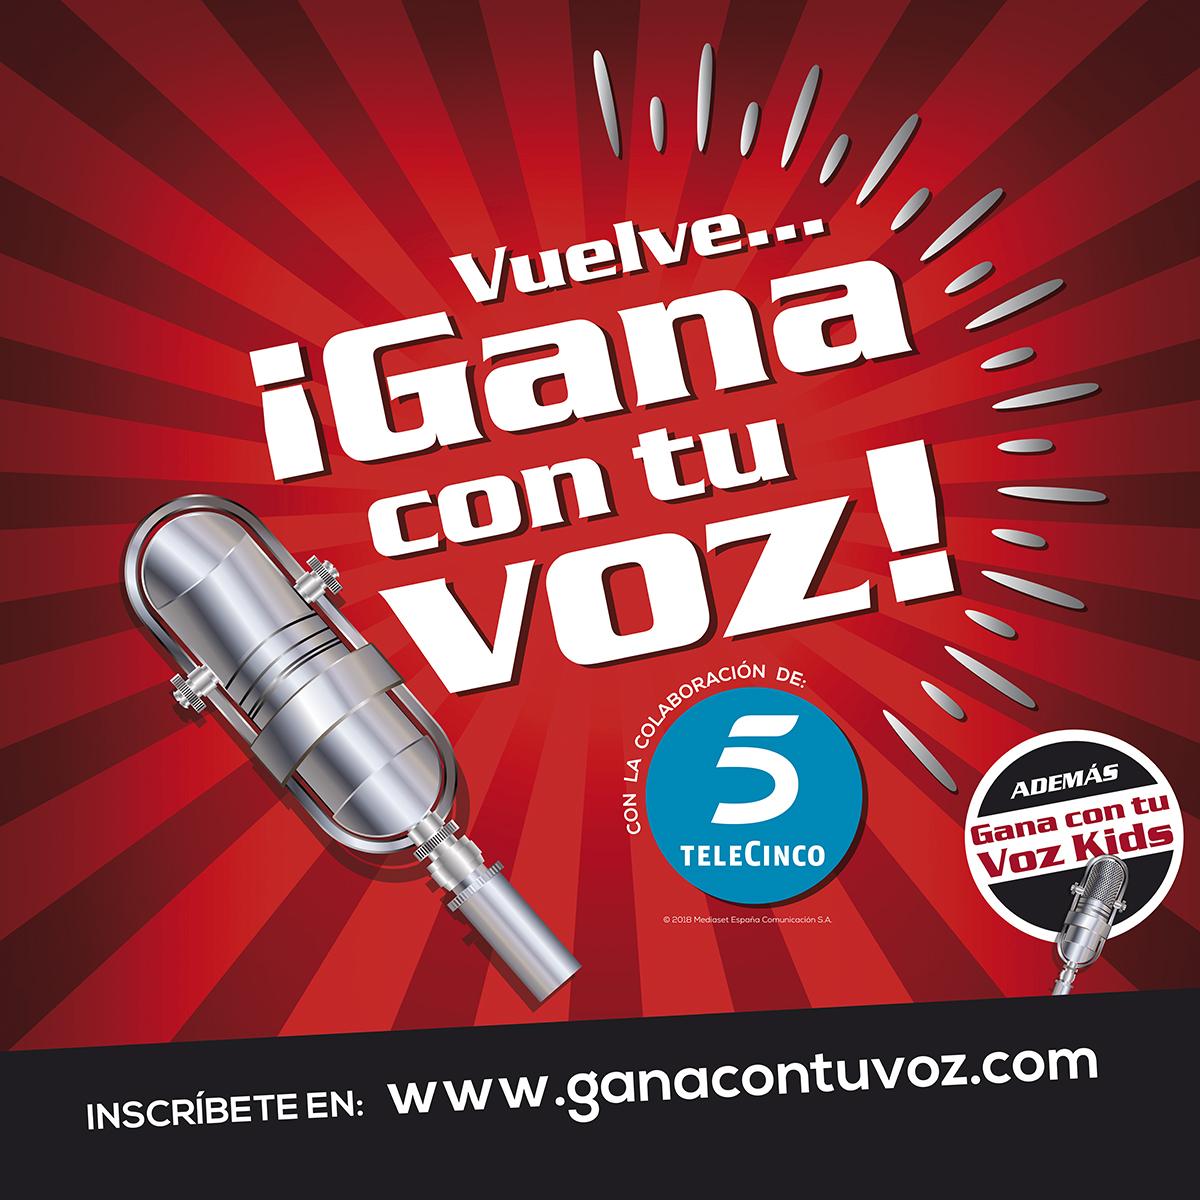 facebook-gana-con-tu-voz-1200x1200-jpg.jpg